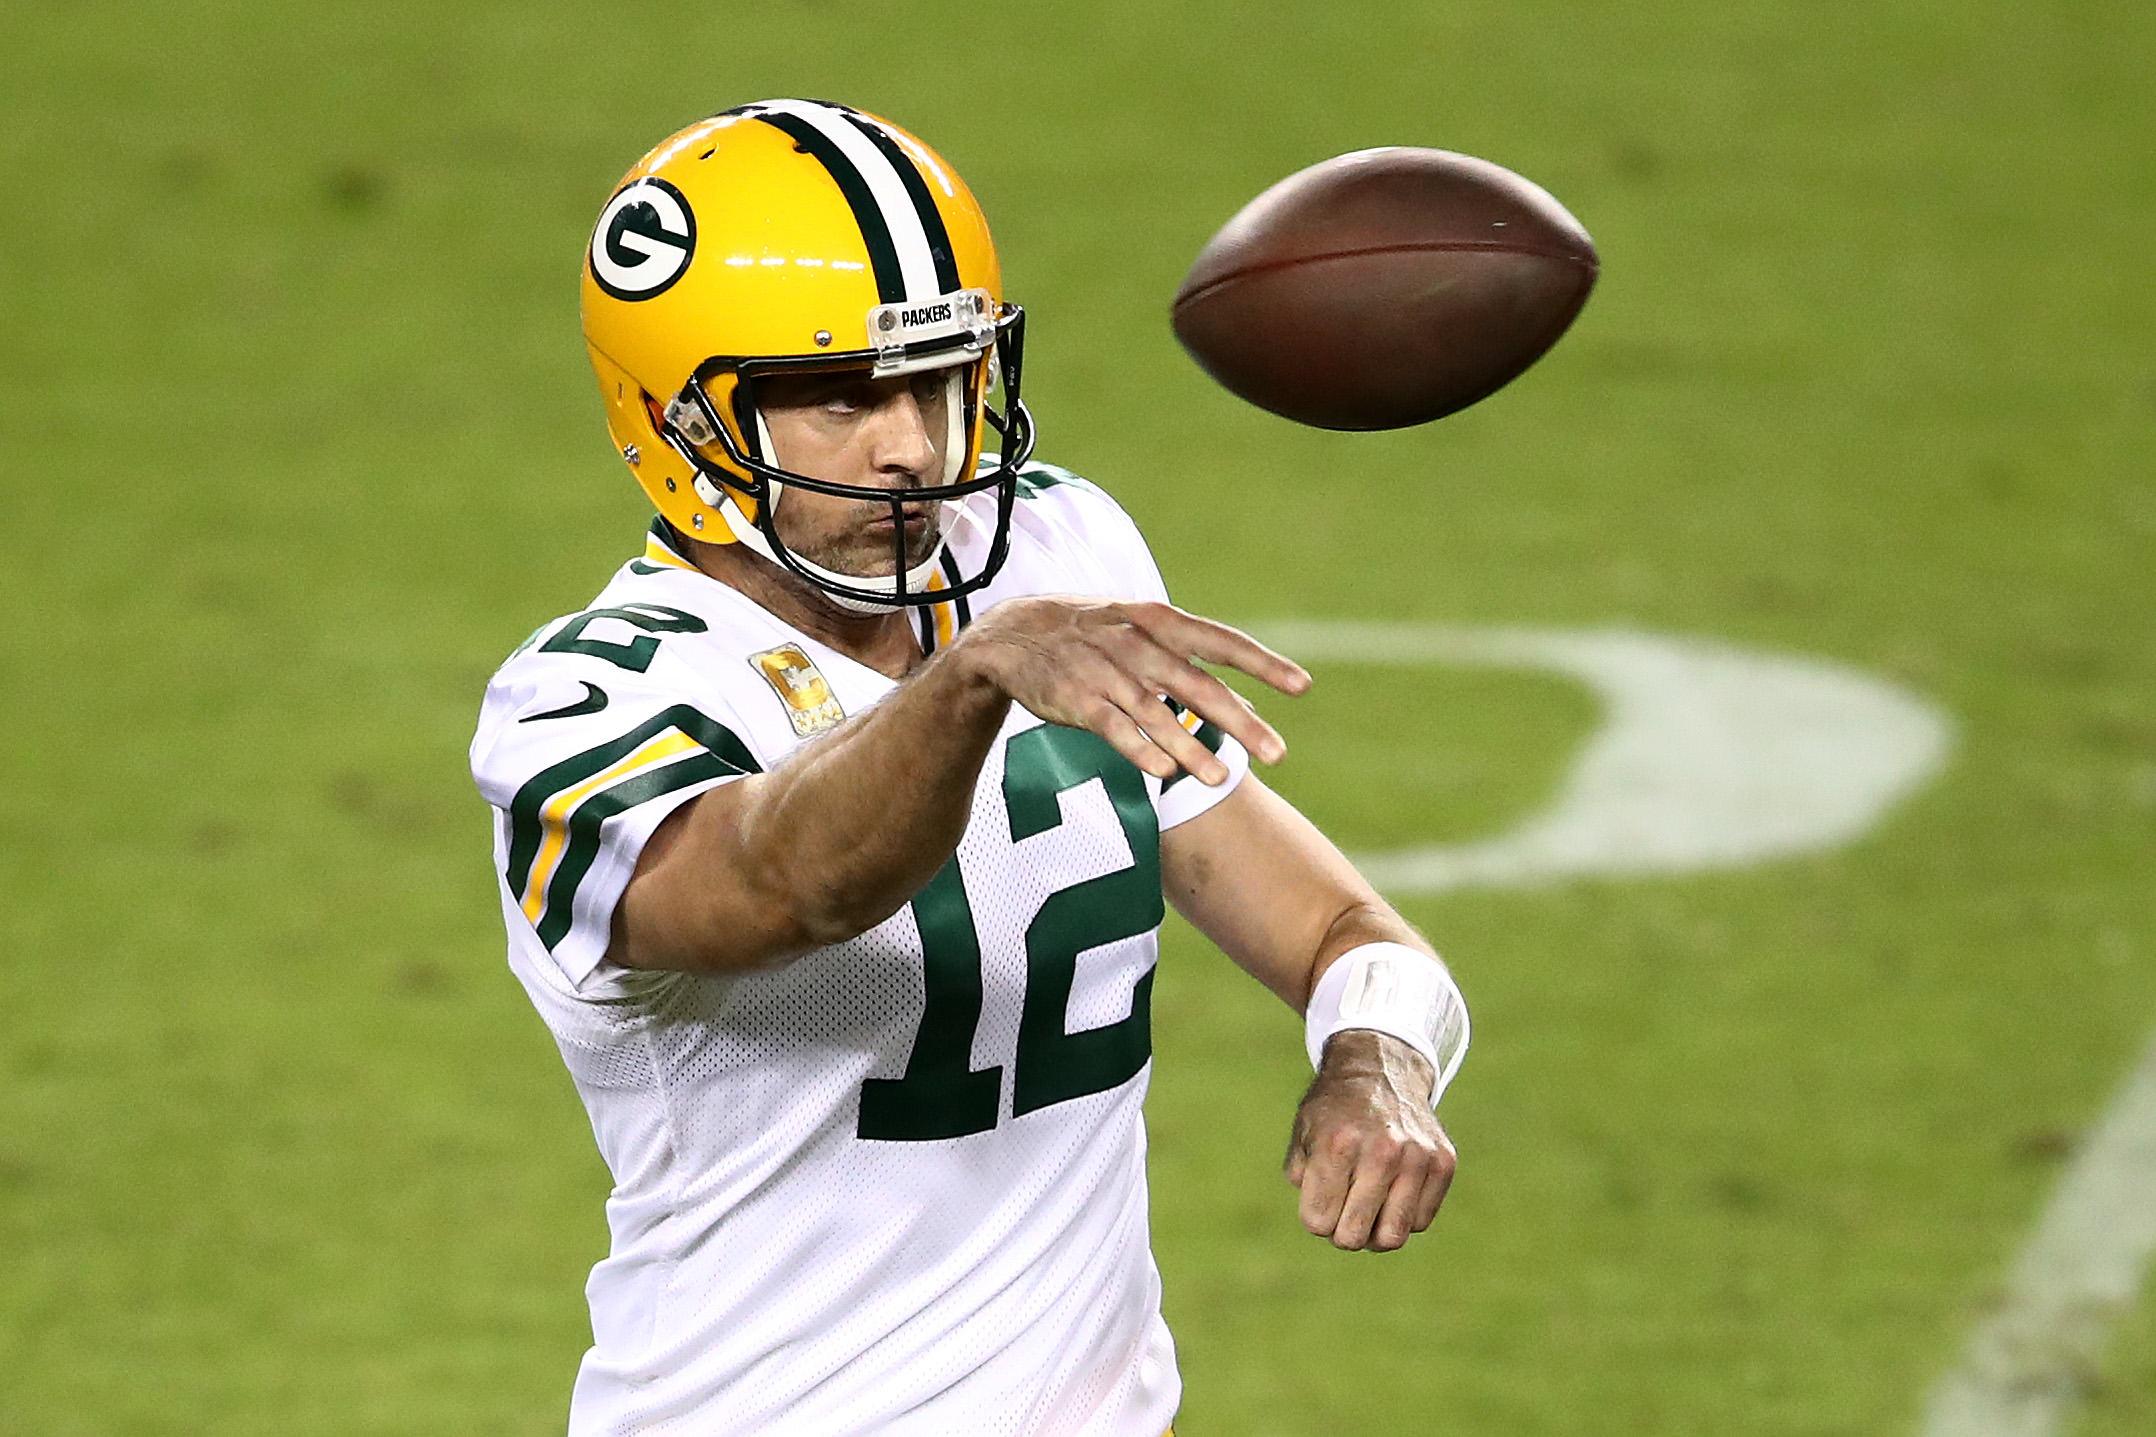 Aaron Rodgers questiona se os protocolos NFL COVID são baseados na ciência